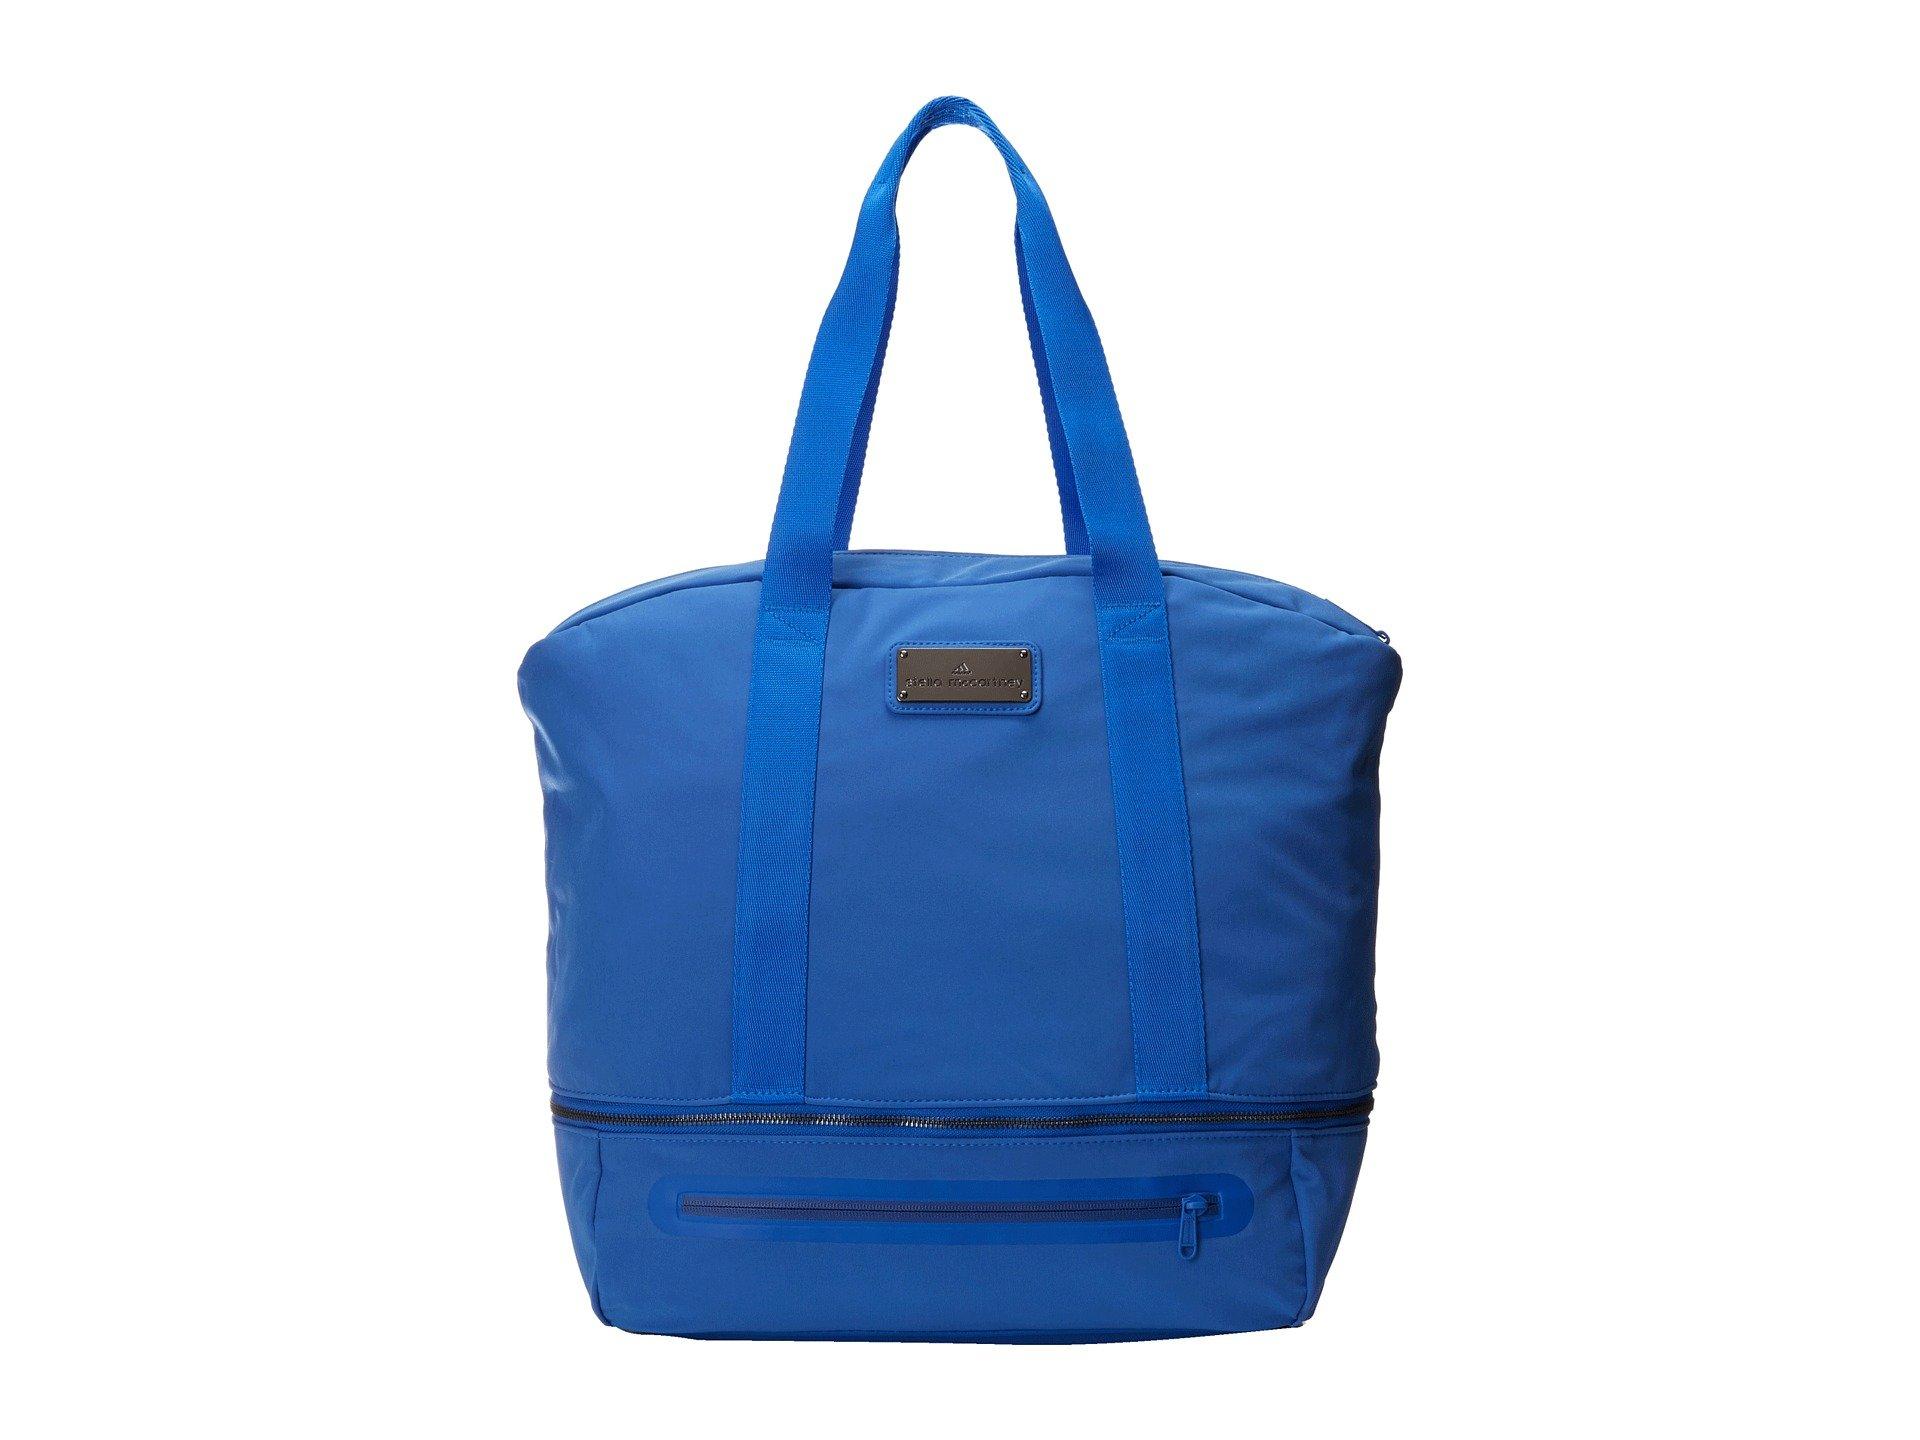 Bolso de Viaje para Mujer adidas by Stella McCartney Iconic Big  + adidas en VeoyCompro.net